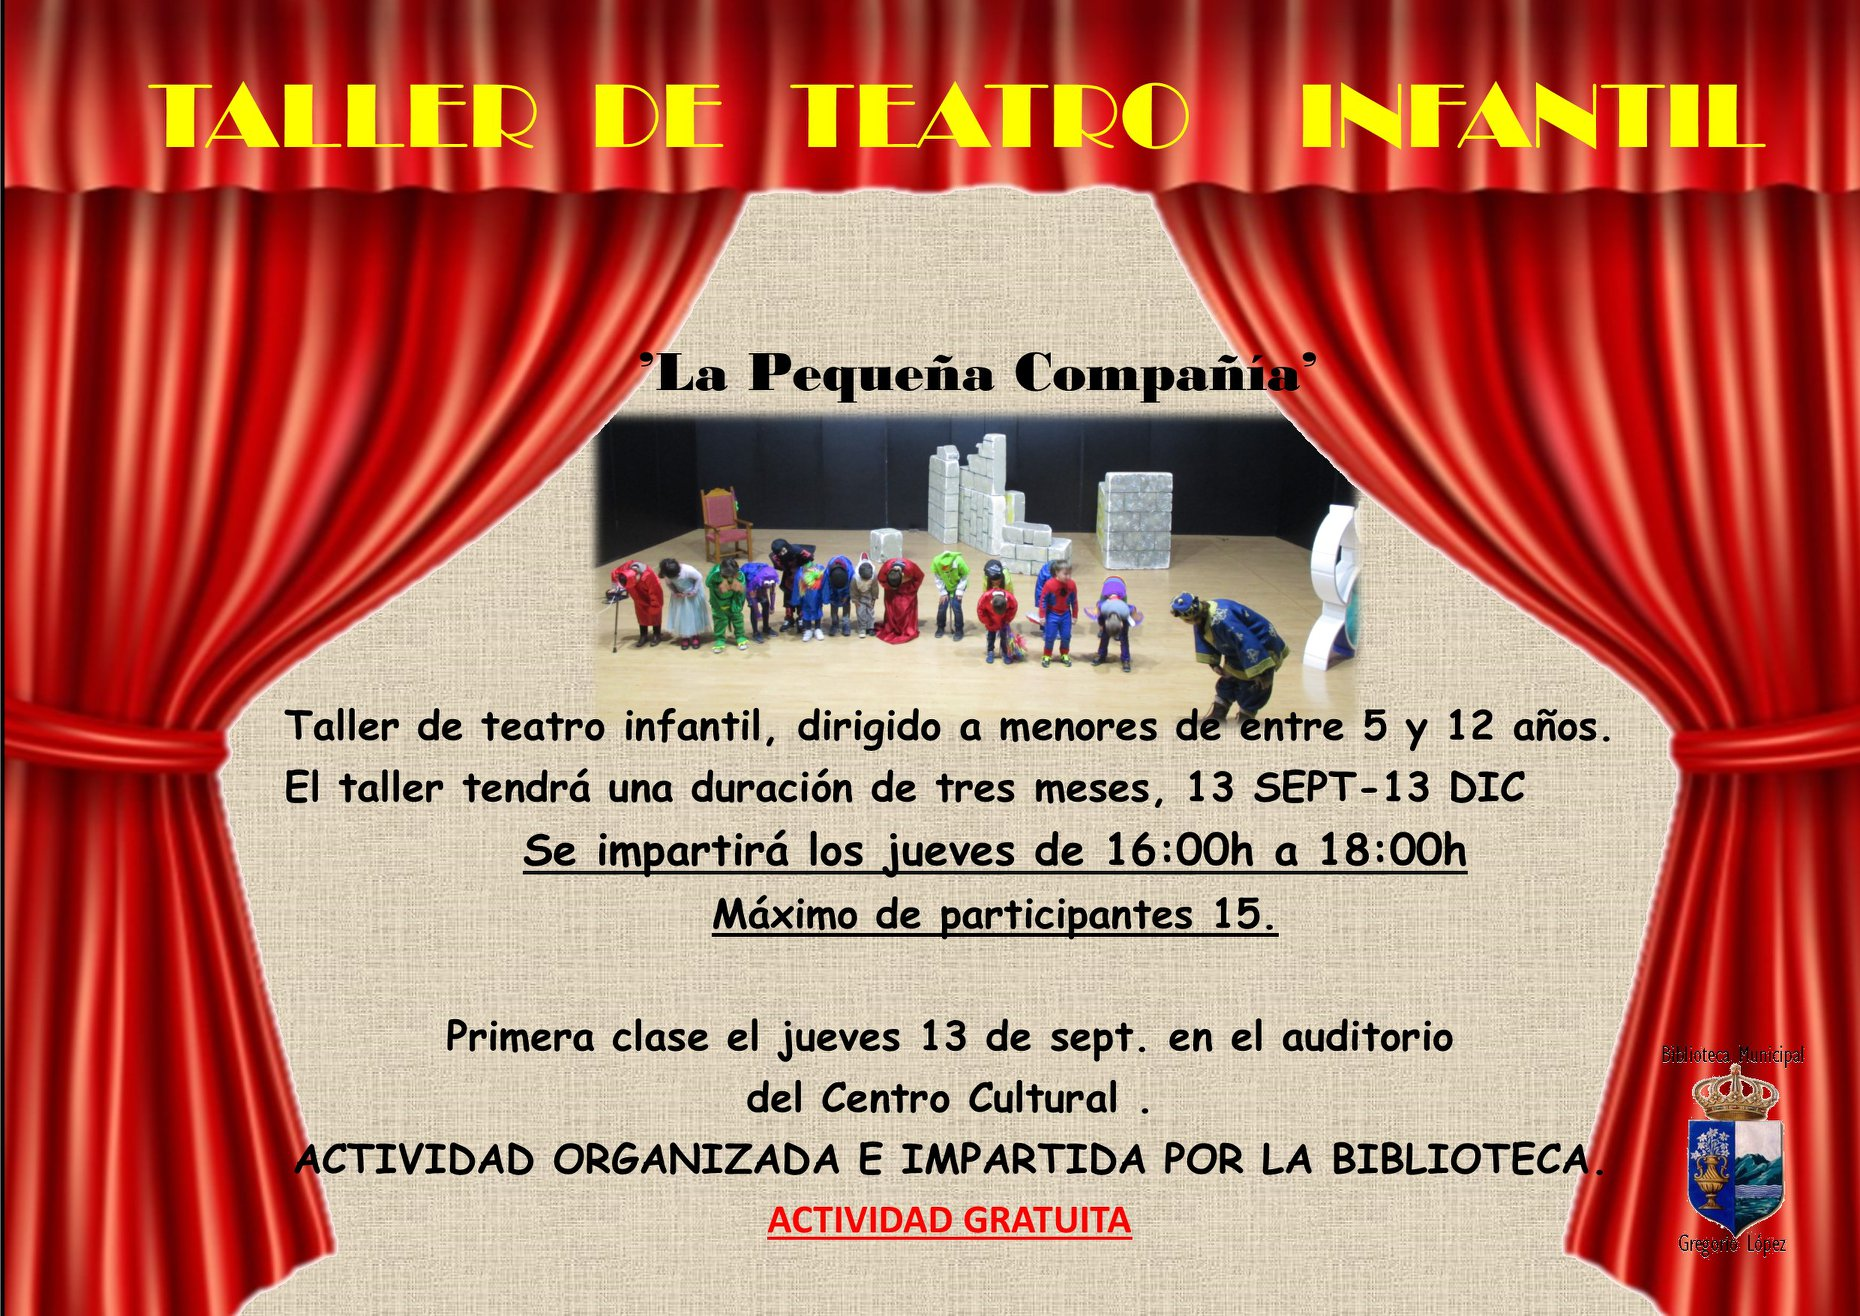 Taller de teatro infantil 2018 - Guadalupe (Cáceres)